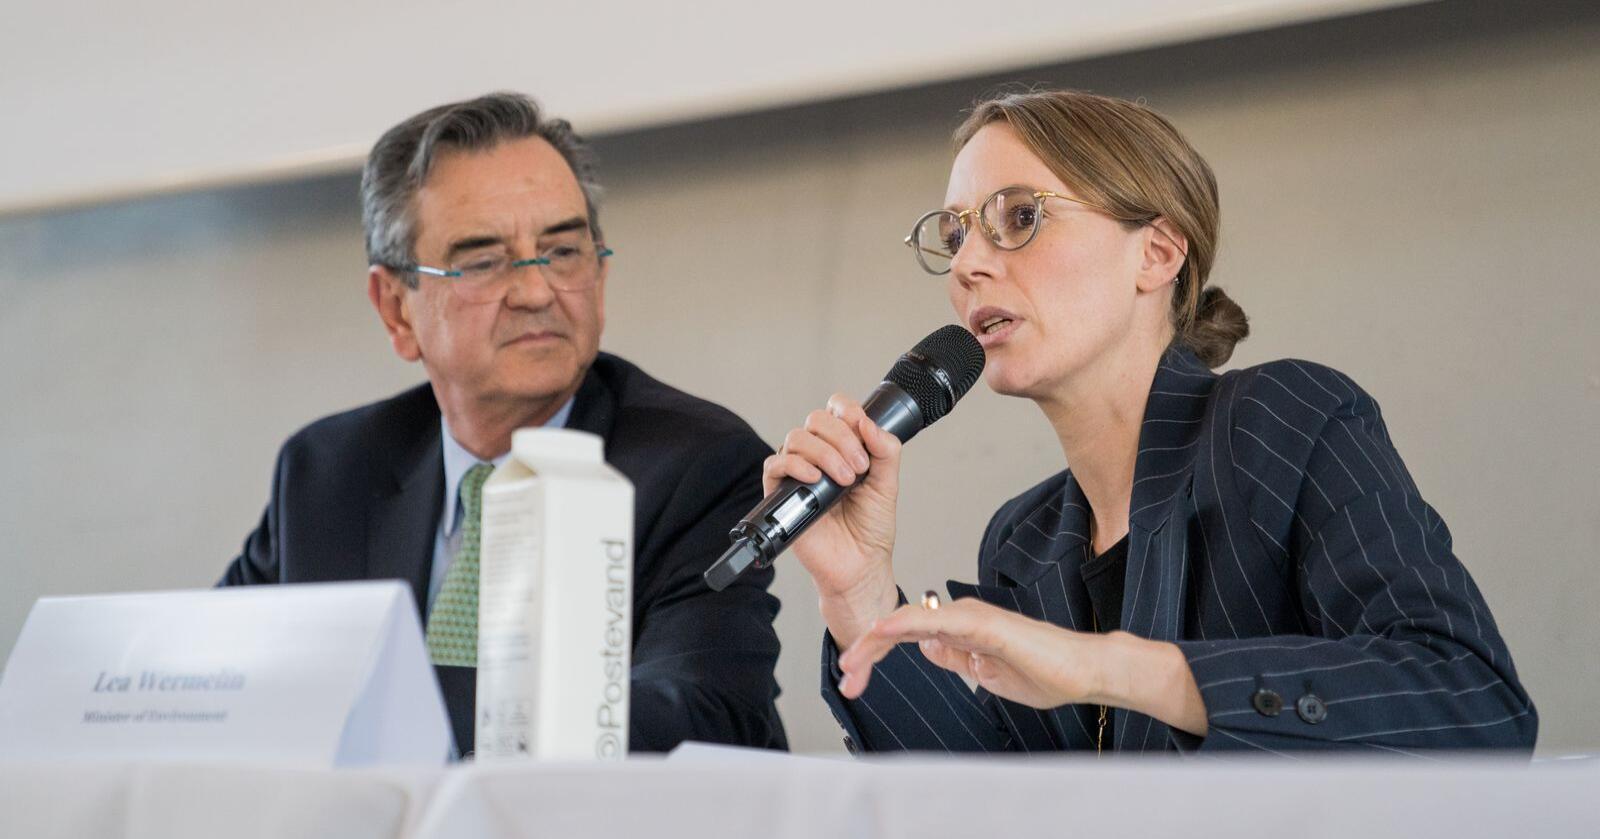 Danmarks miljøminister Lea Wermelin vil gjeninnføre og utvide forbud mot sprøyting, gjødsling og pløying å beskyttede naturarealer. Foto: Miljø- og fødevareministeriet